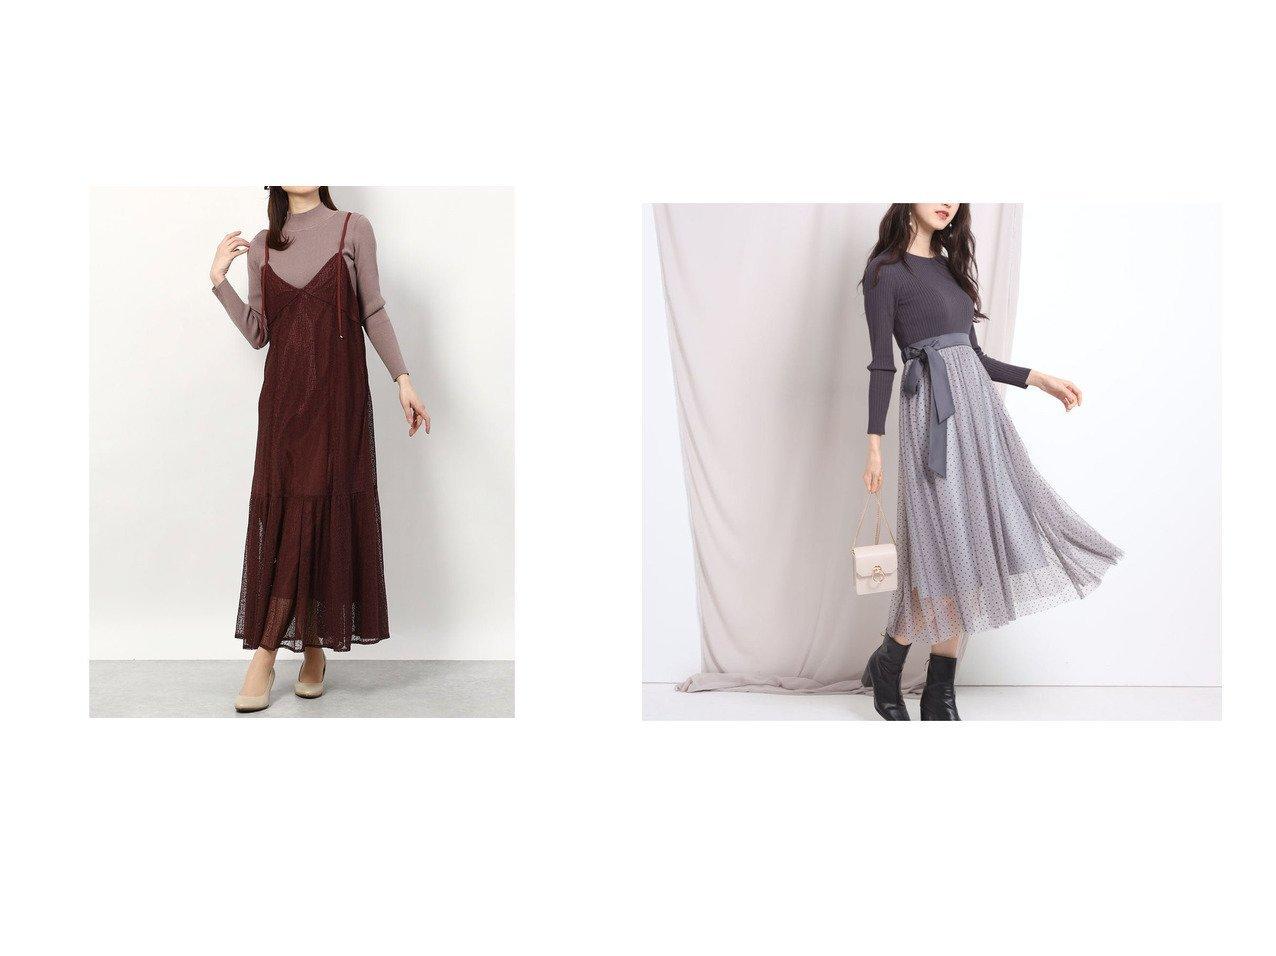 【Mystrada/マイストラーダ】のレースキャミワンピセット&【Rirandture/リランドチュール】のドットチュールドッキングワンピース ワンピース・ドレスのおすすめ!人気、トレンド・レディースファッションの通販 おすすめで人気の流行・トレンド、ファッションの通販商品 メンズファッション・キッズファッション・インテリア・家具・レディースファッション・服の通販 founy(ファニー) https://founy.com/ ファッション Fashion レディースファッション WOMEN ワンピース Dress キャミワンピース No Sleeve Dresses シンプル ドッキング リボン 切替  ID:crp329100000009387